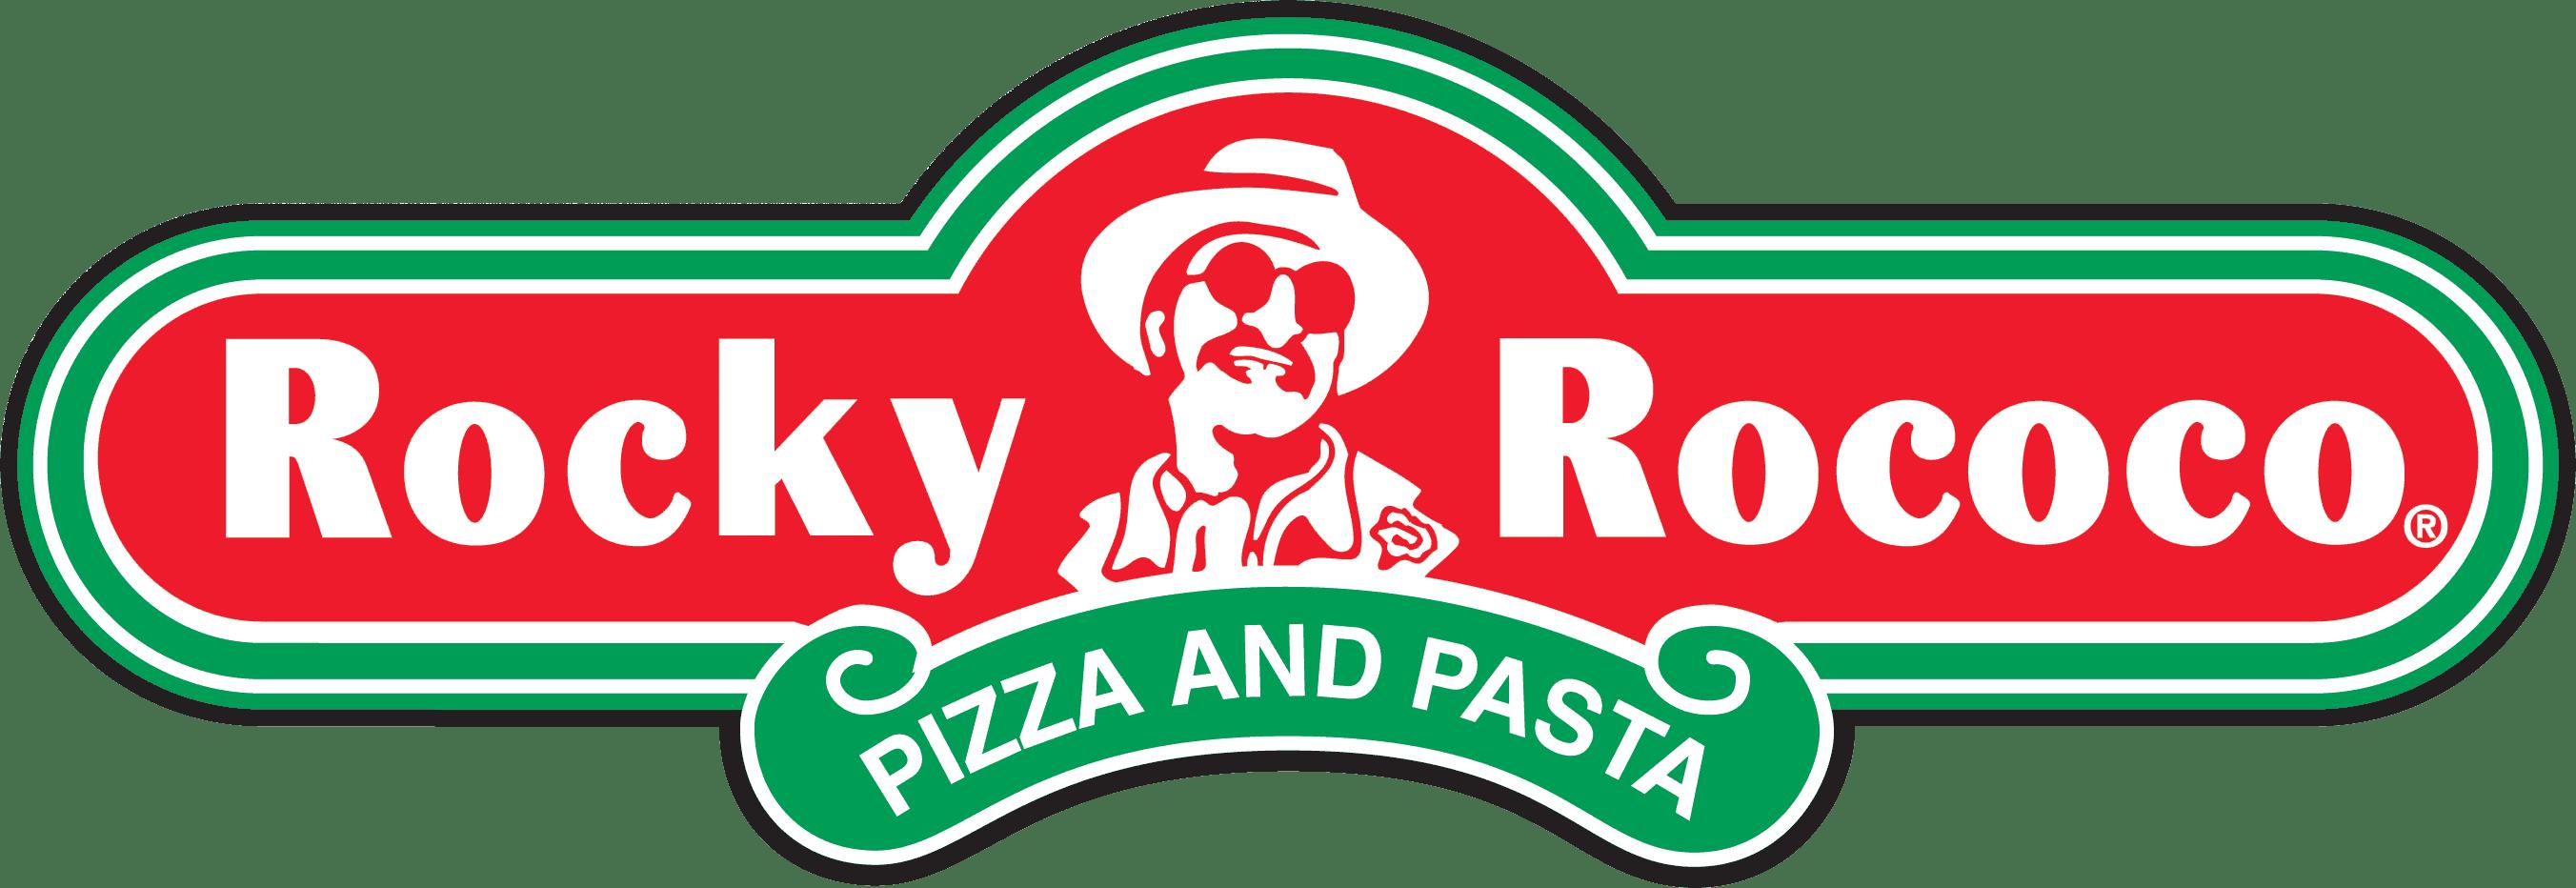 Rocky Rococo Pizza and Pasta Logo